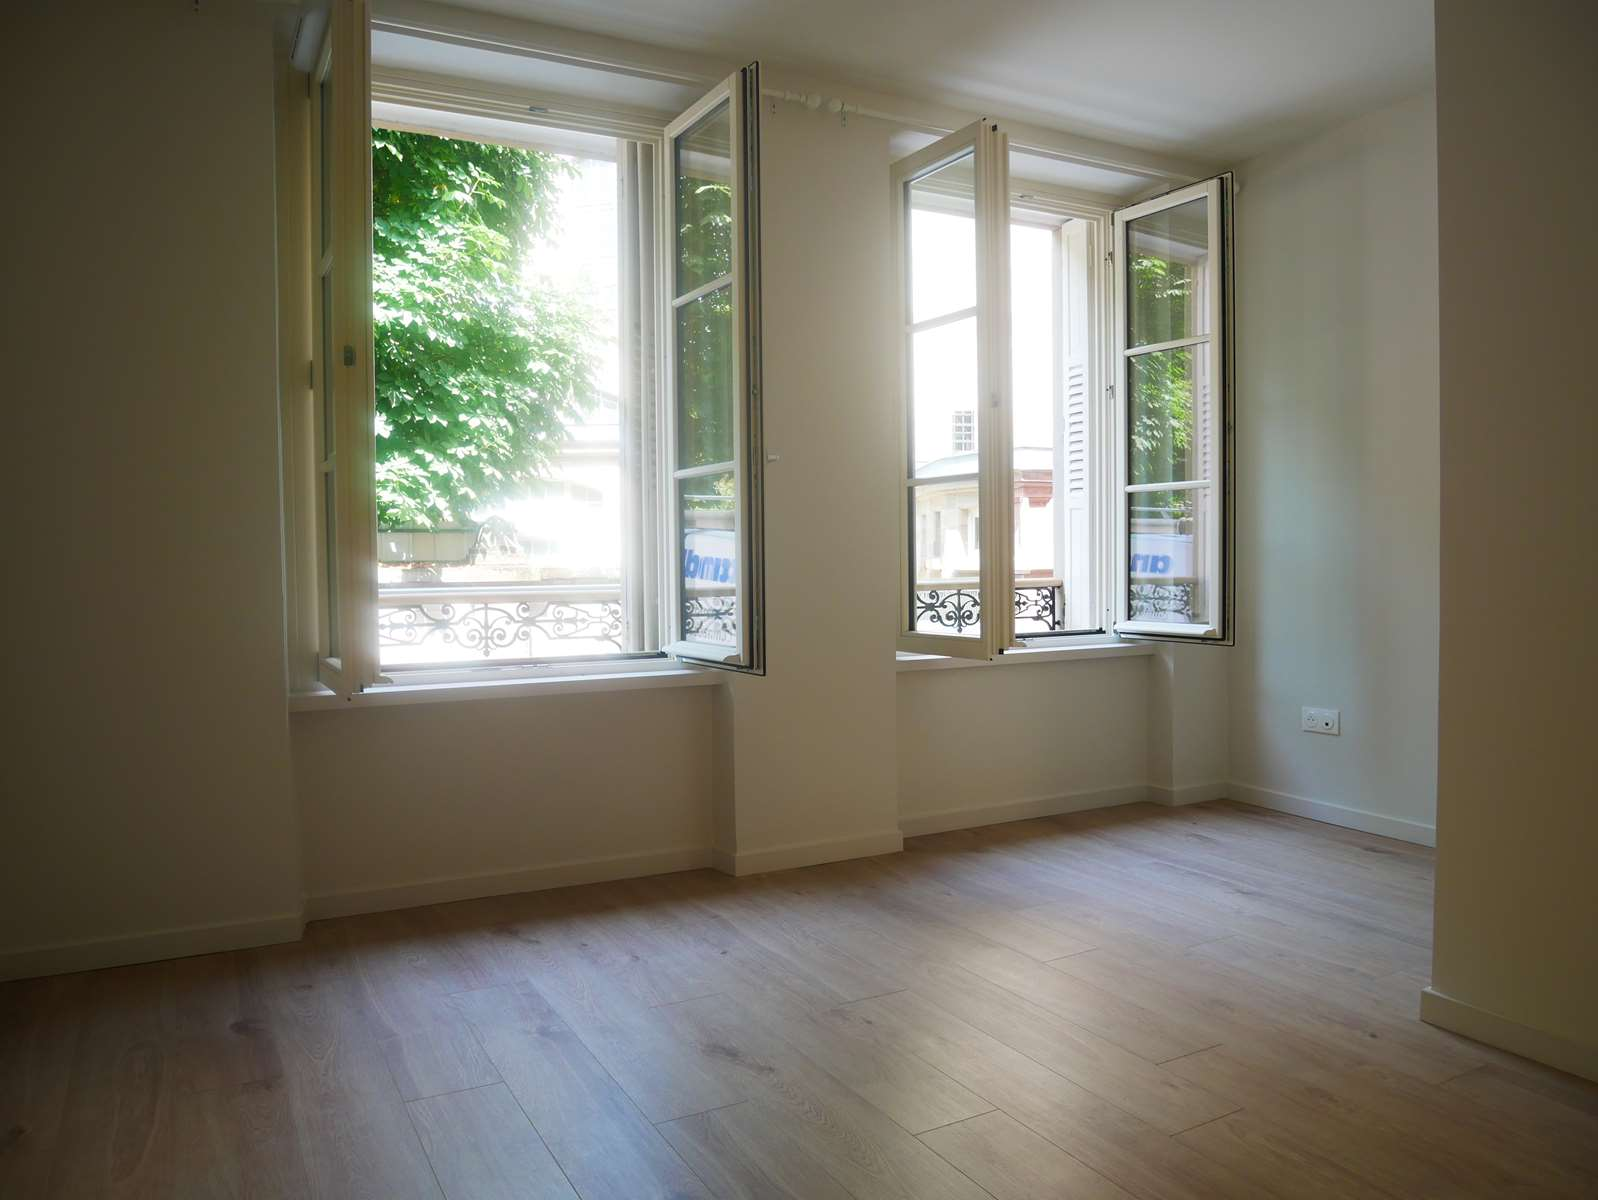 [Grand Dragon] Un superbe 4 pièces refait à neuf - Petite France / rue du Dragon - nos locations - Beausite Immobilier 5